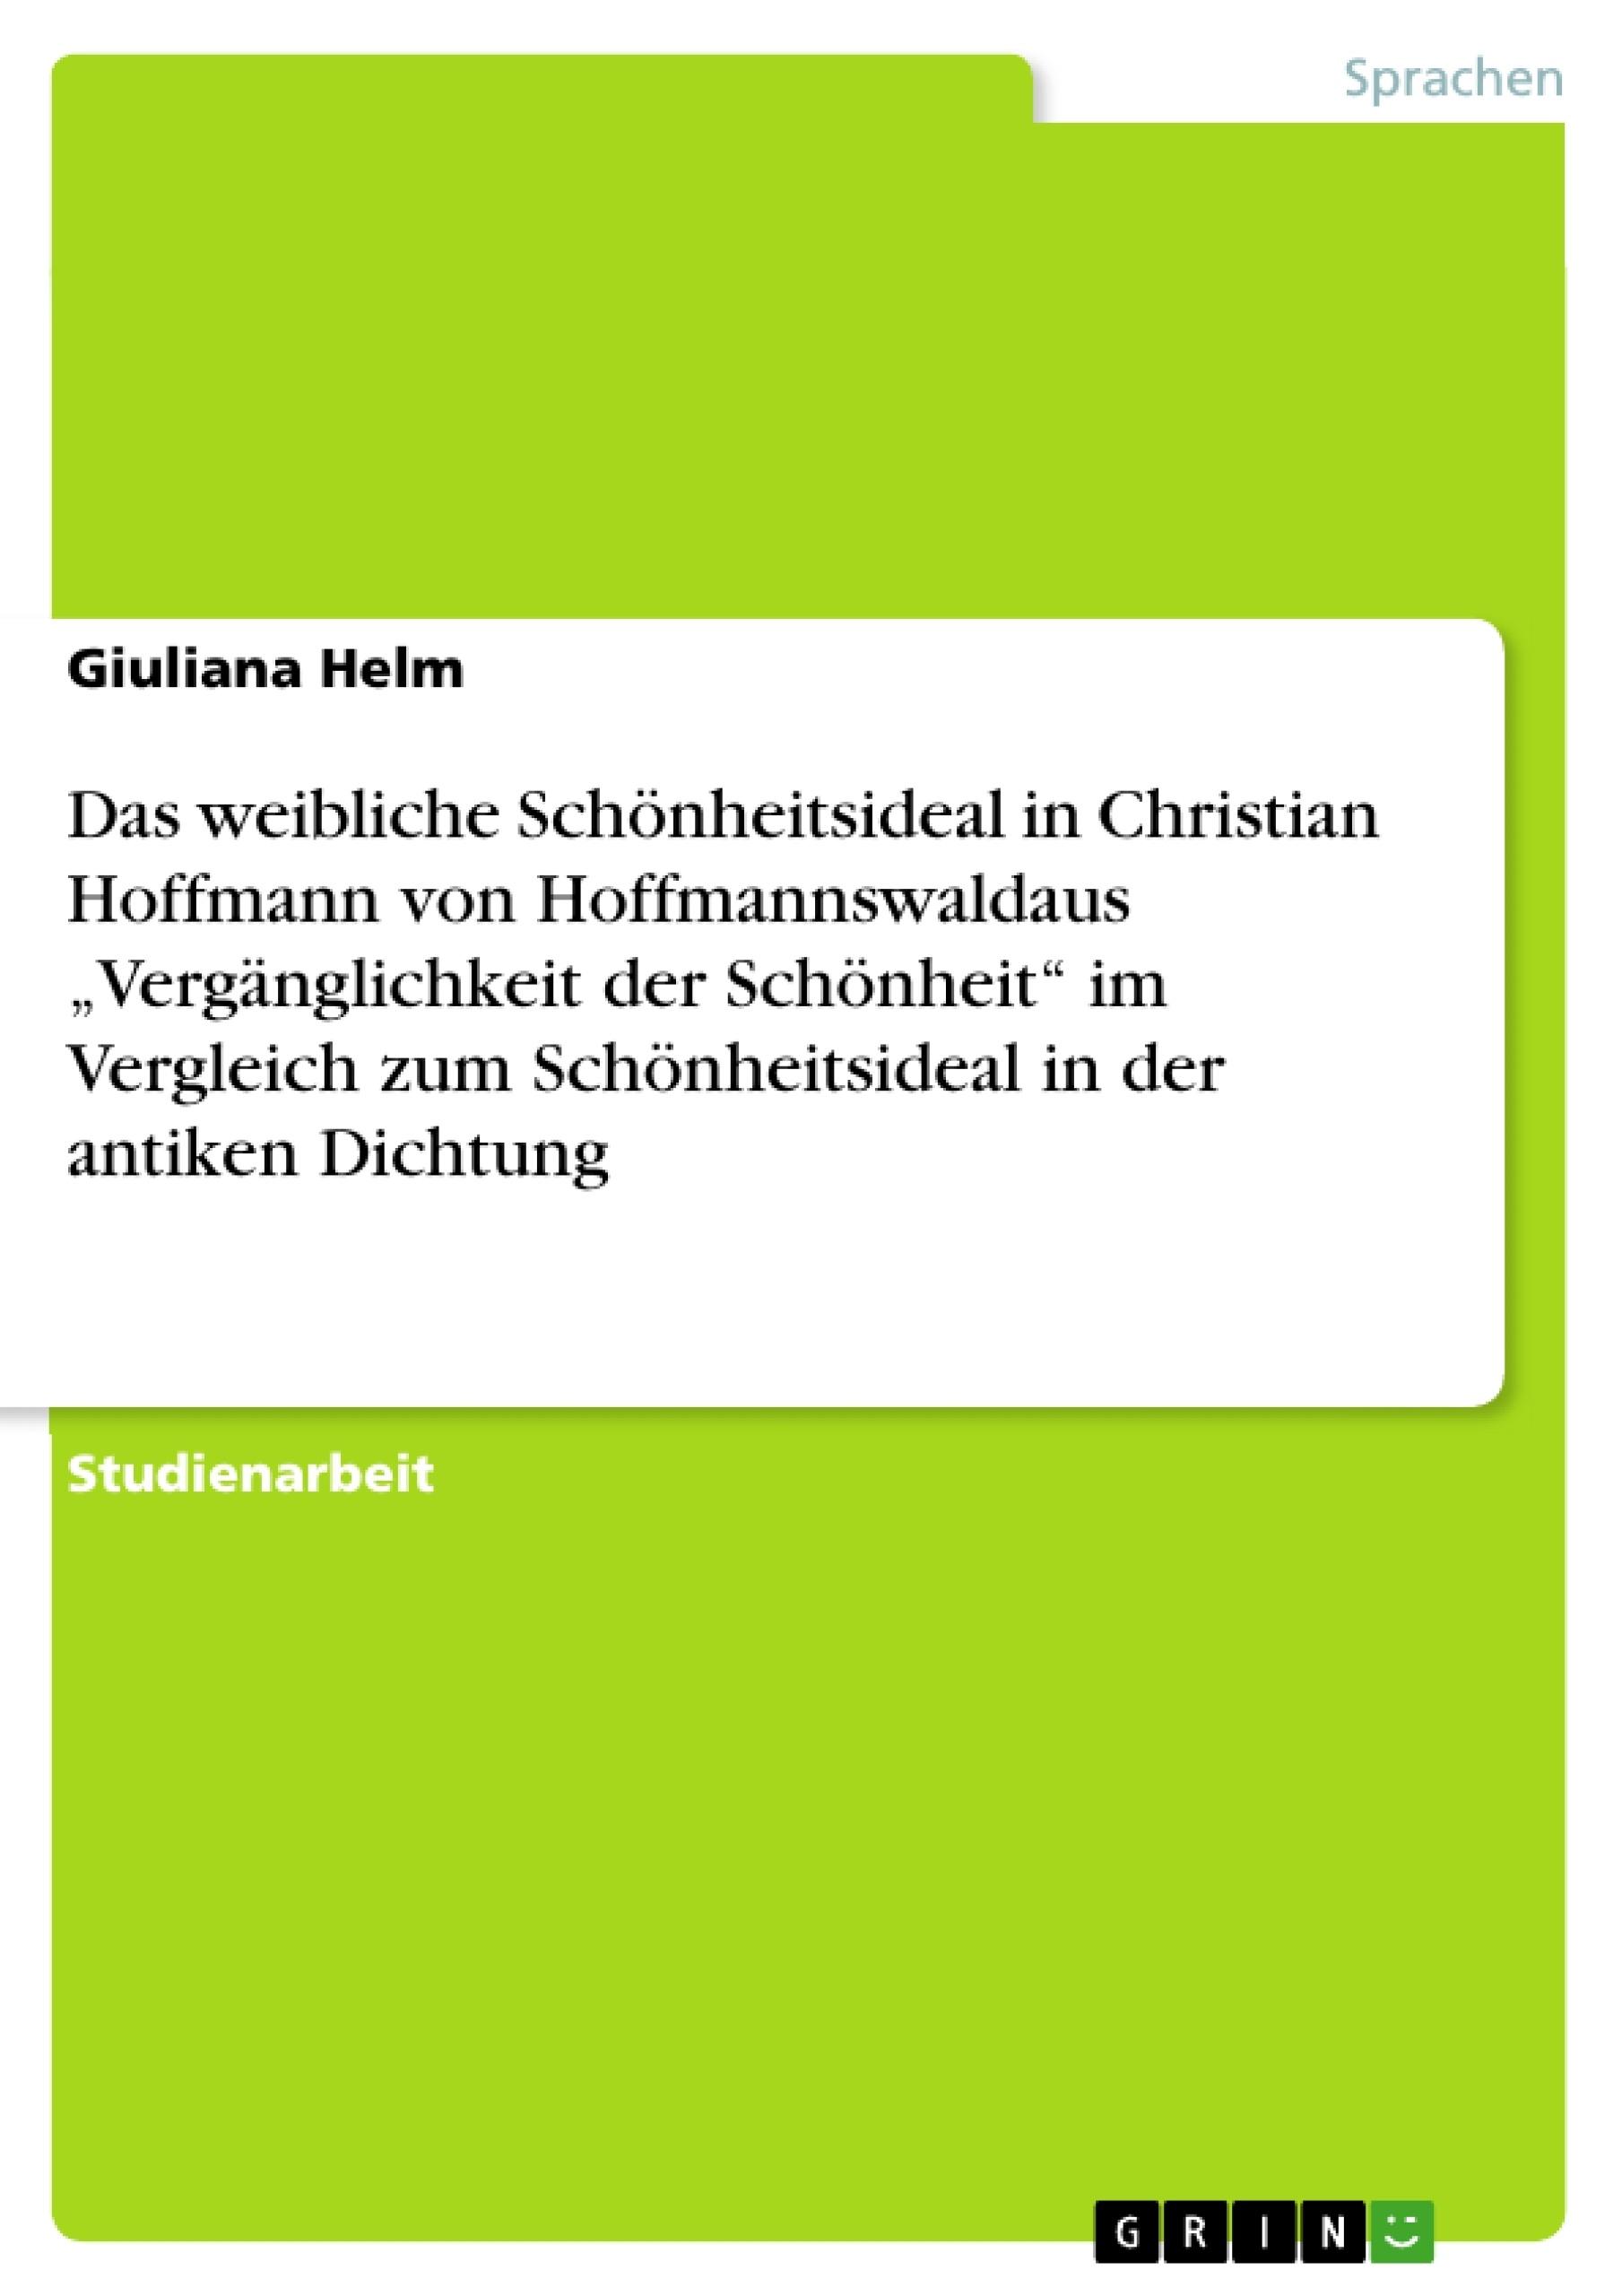 """Titel: Das weibliche Schönheitsideal in Christian Hoffmann von Hoffmannswaldaus """"Vergänglichkeit der Schönheit"""" im Vergleich zum Schönheitsideal in der antiken Dichtung"""